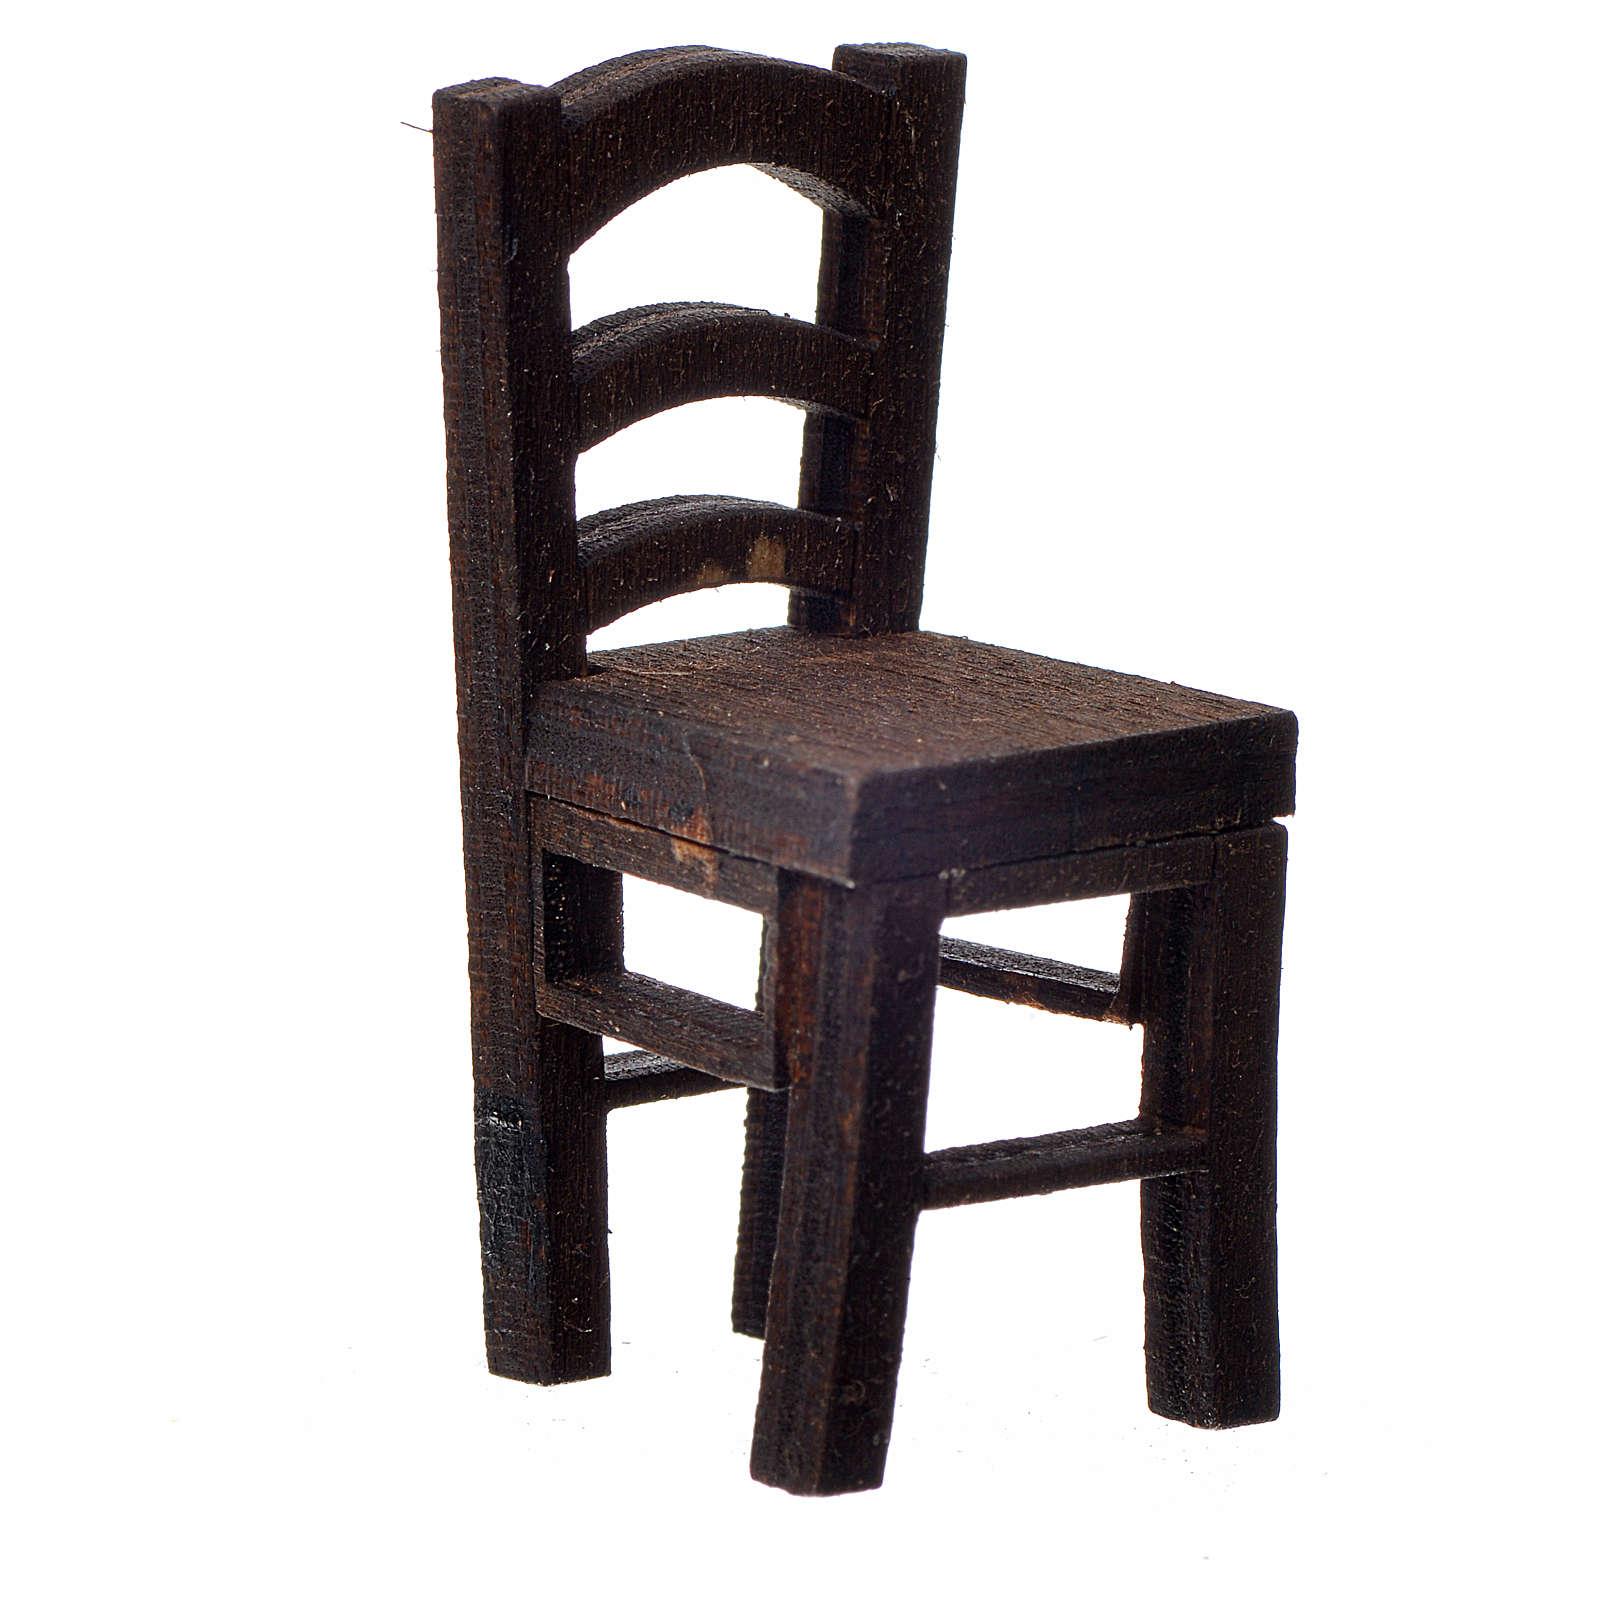 Krzesło drewno szopka 4x2x2 4